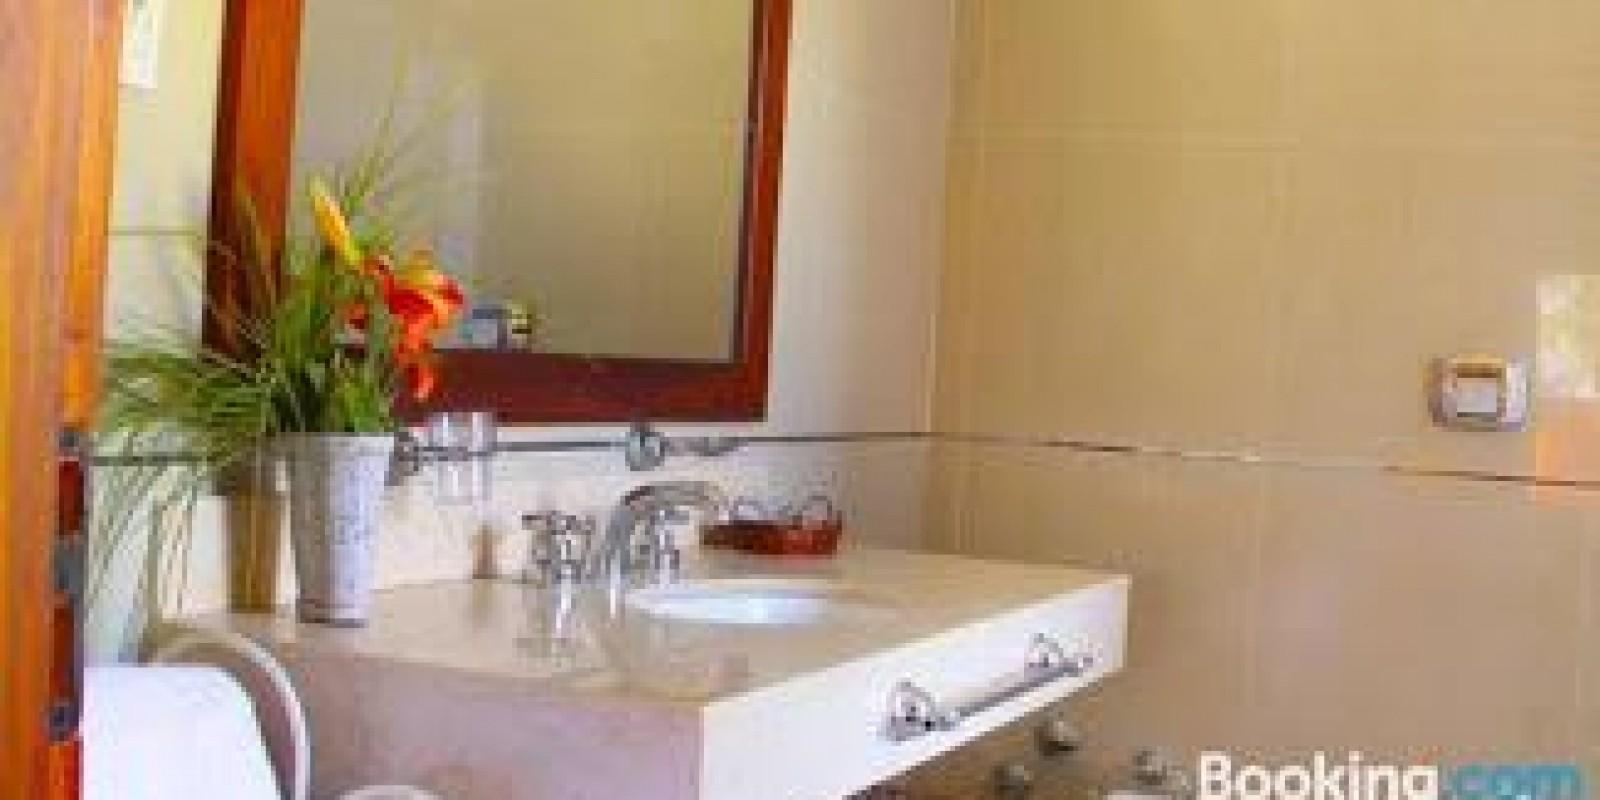 Hotel Rio Arriba - Bella Vista - Rio Parana  - Foto 10 de 15